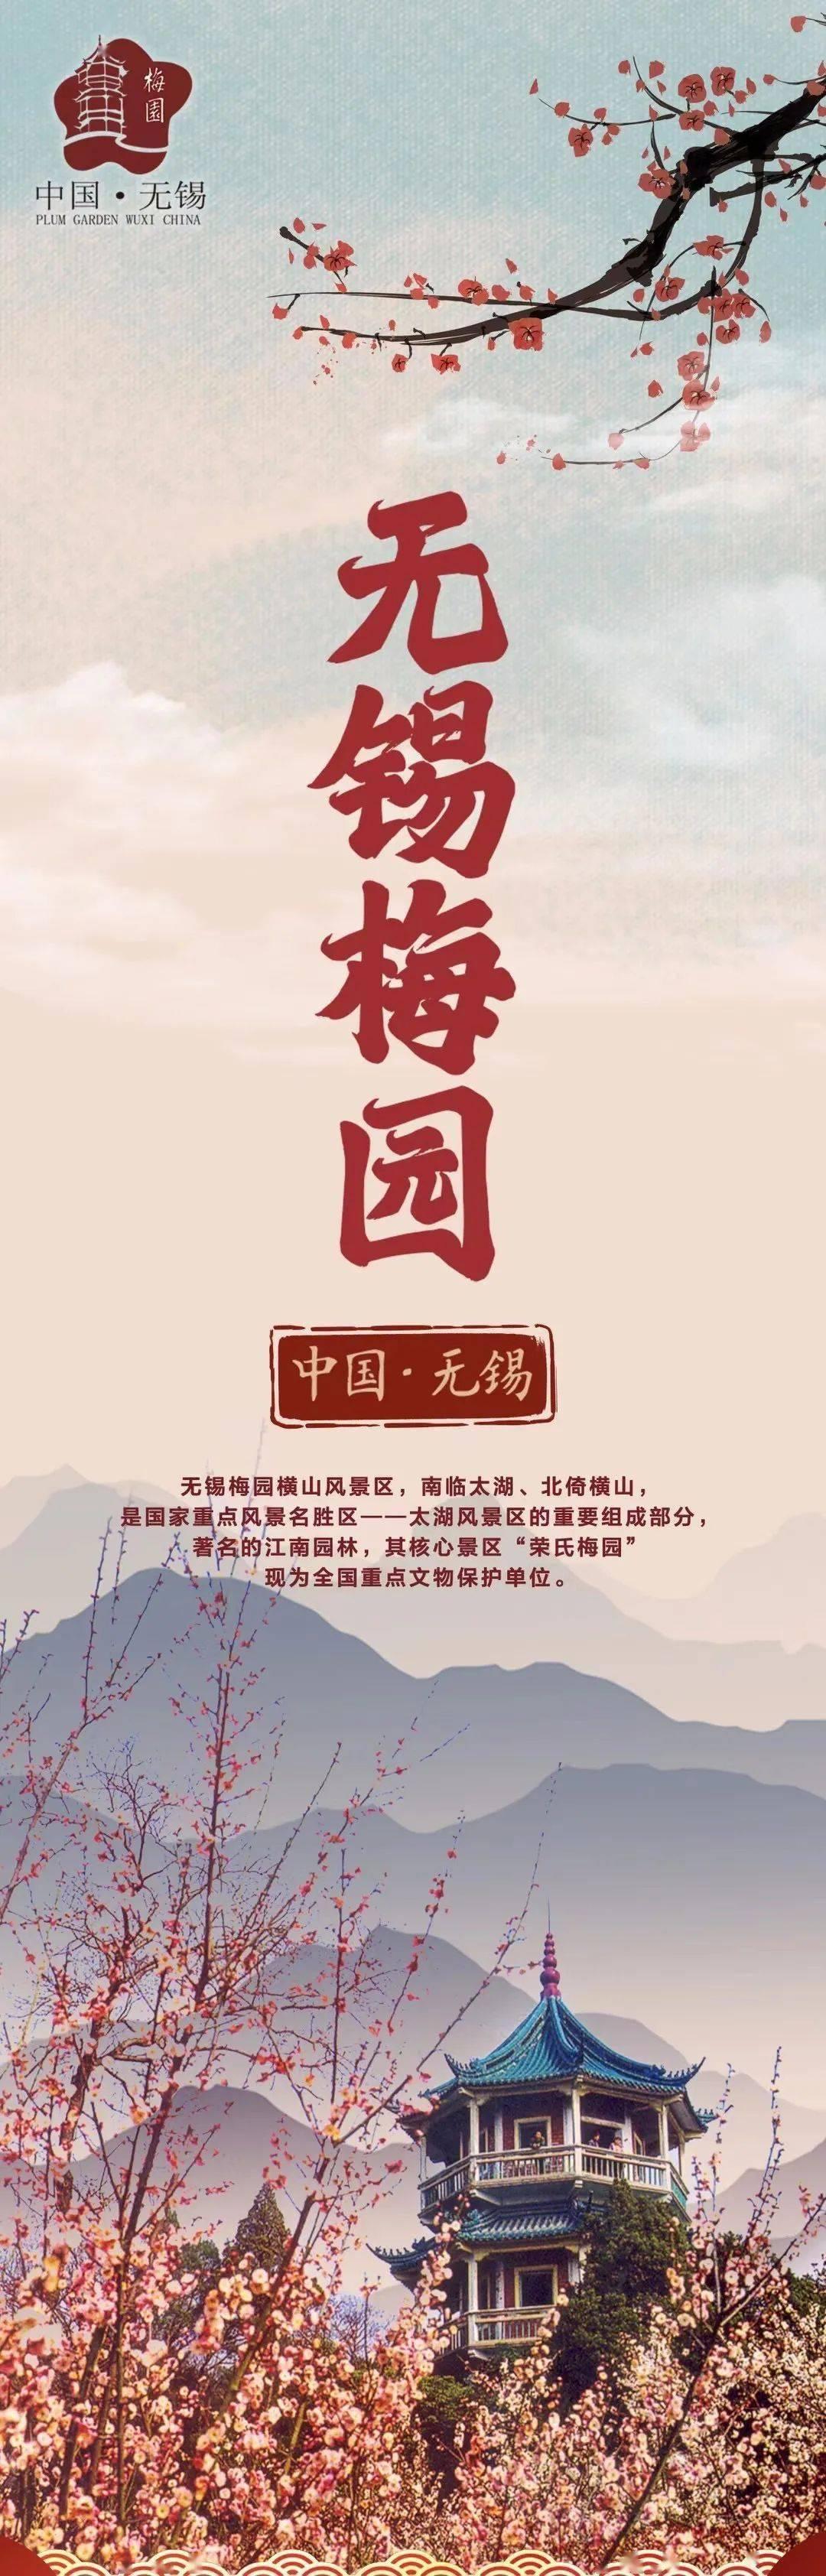 逢立春节气 问梅花消息——2021中国长三角梅花文化旅游节即将云开幕